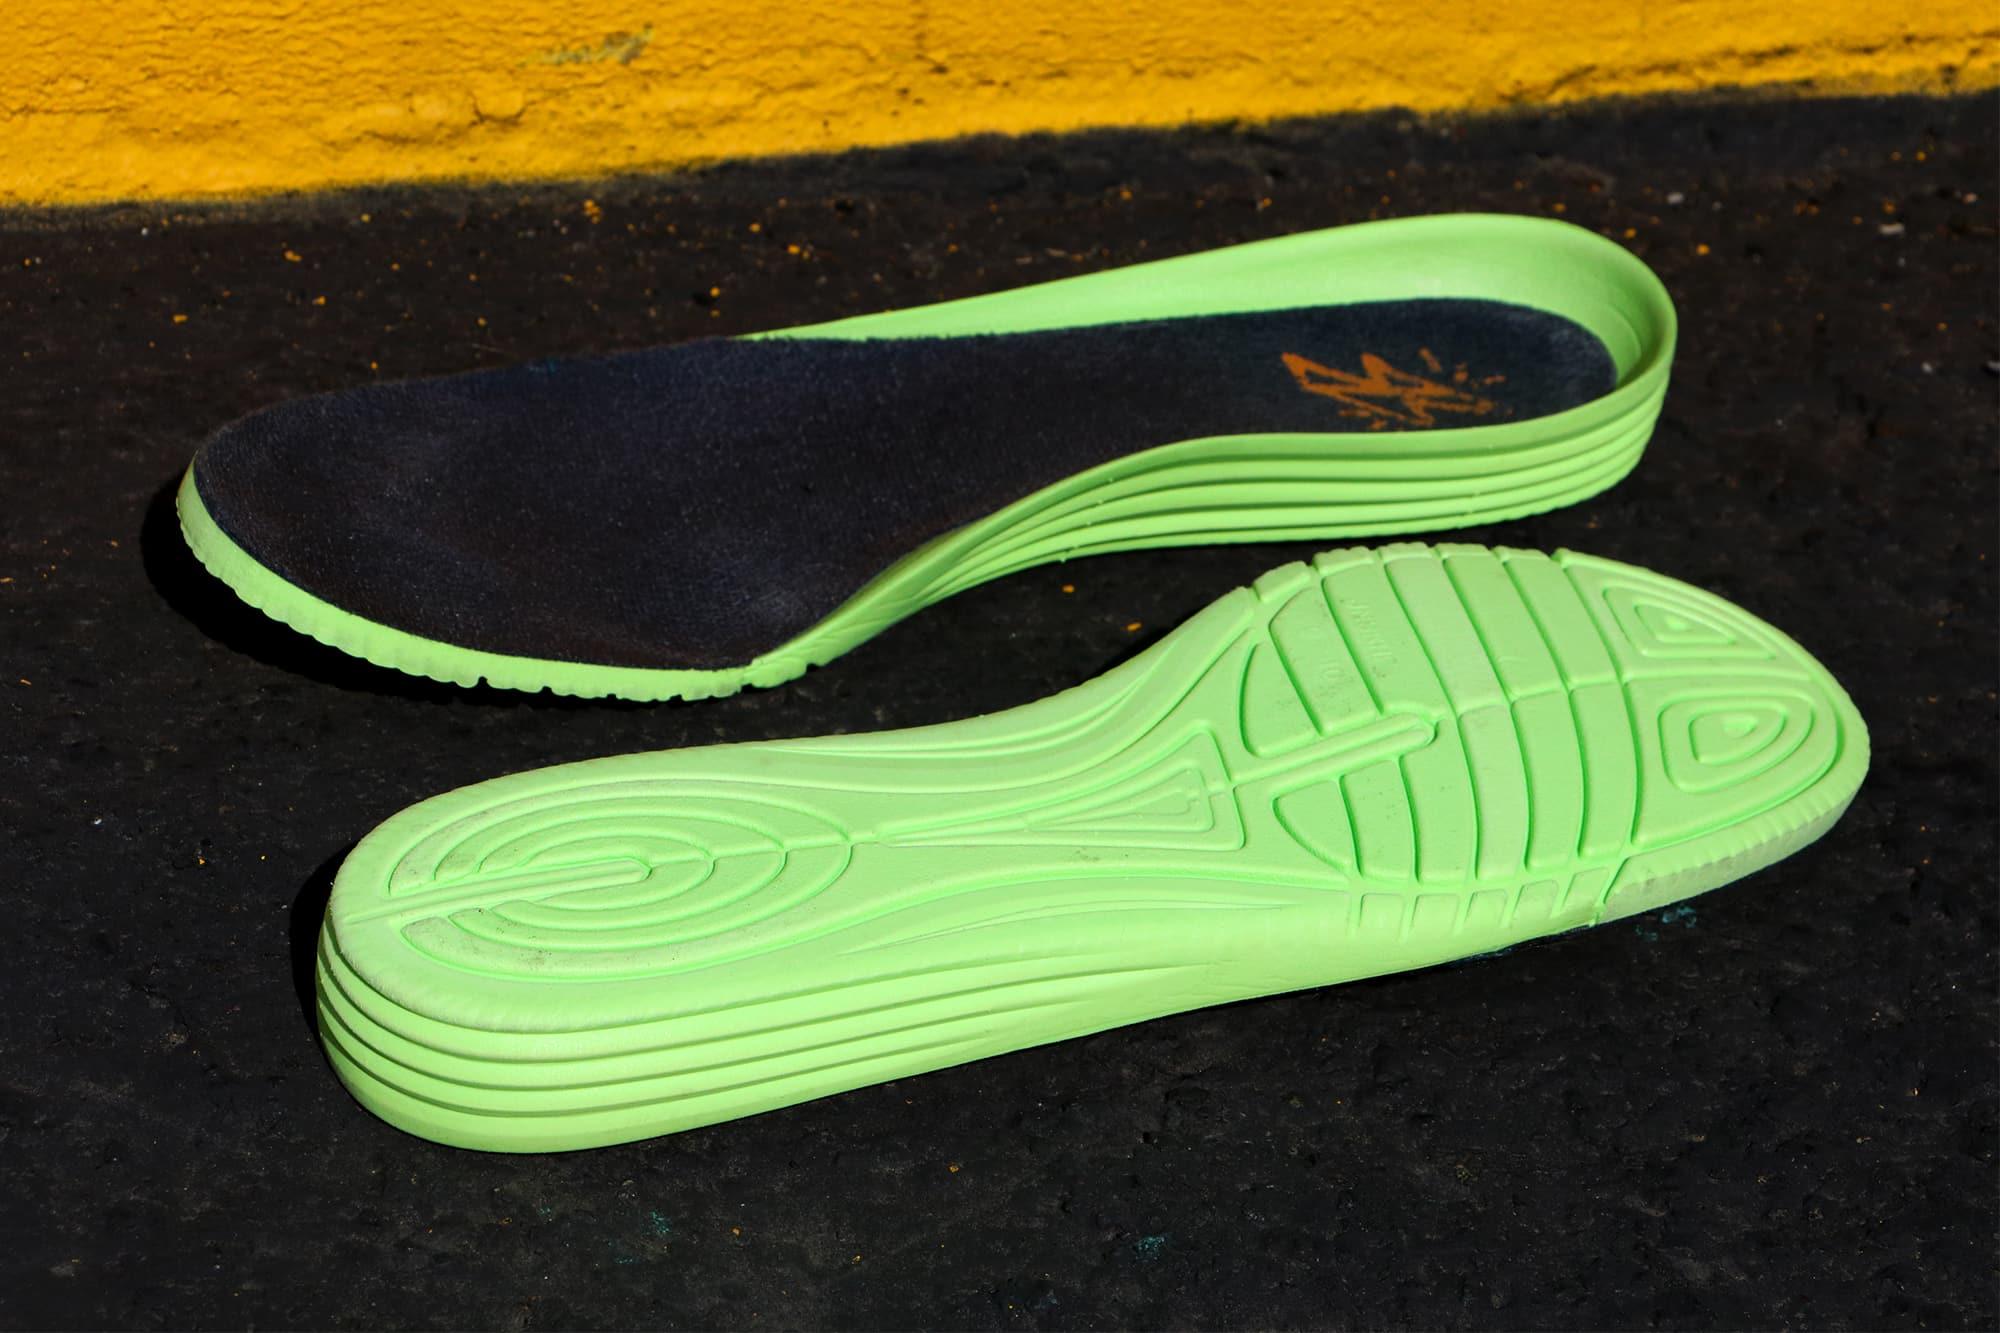 0d6394b5b6a4 Nike SB Janoski Hyperfeel XT Skate Shoes Wear Test Review